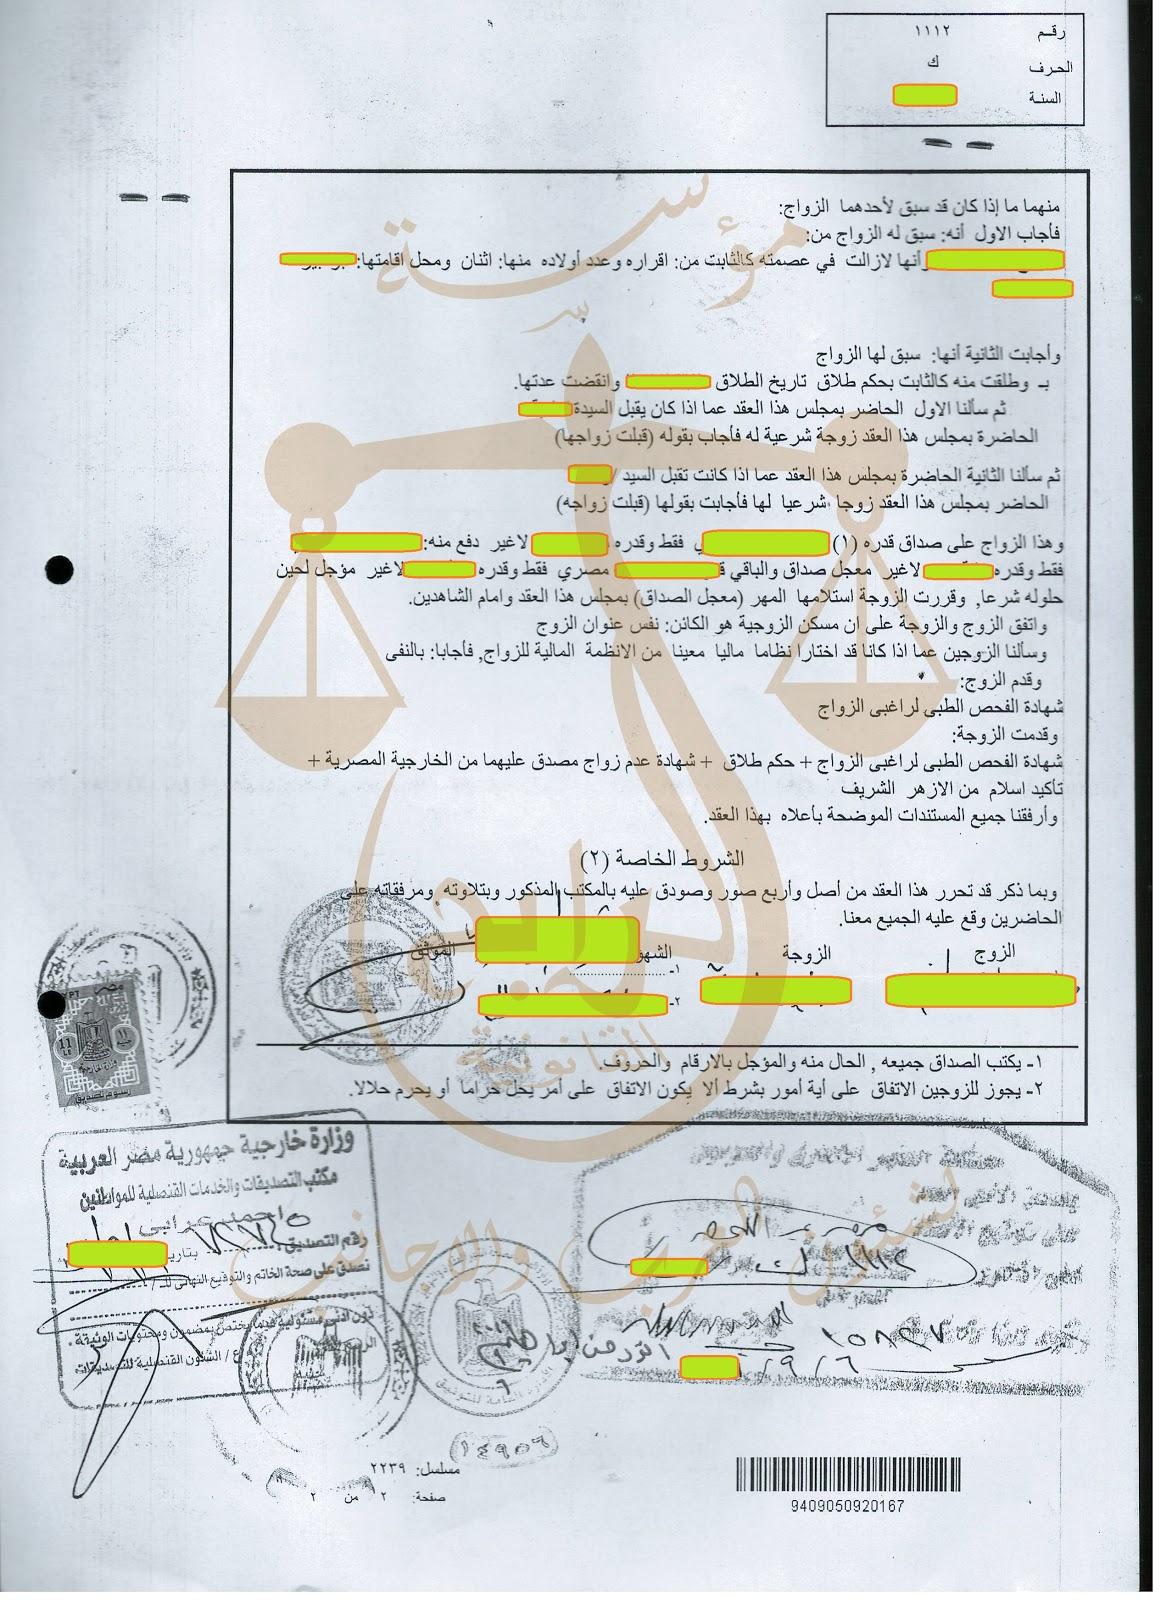 توثق زواجك في مكتب زواج الاجانب فى مصر